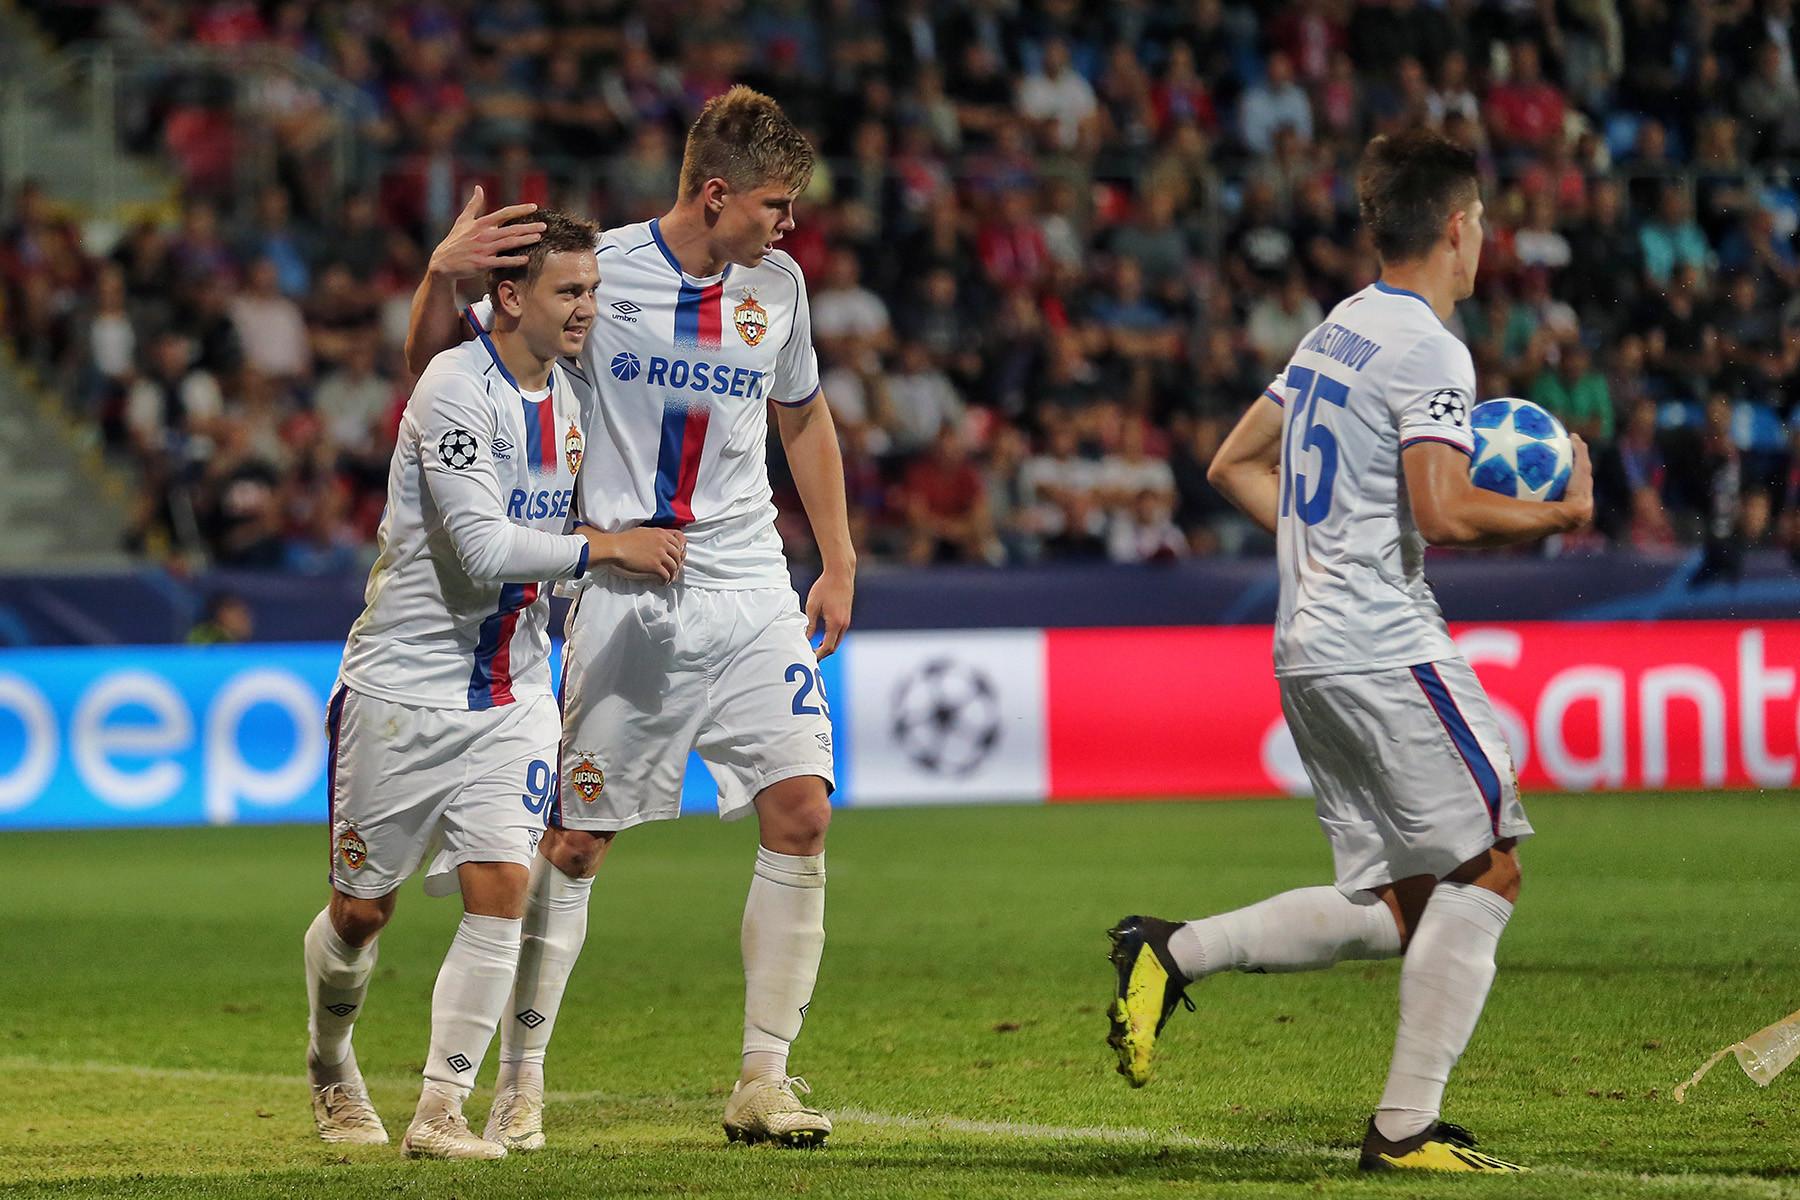 Упустили победу! Новый ЦСКА освоился в Лиге чемпионов за тайм